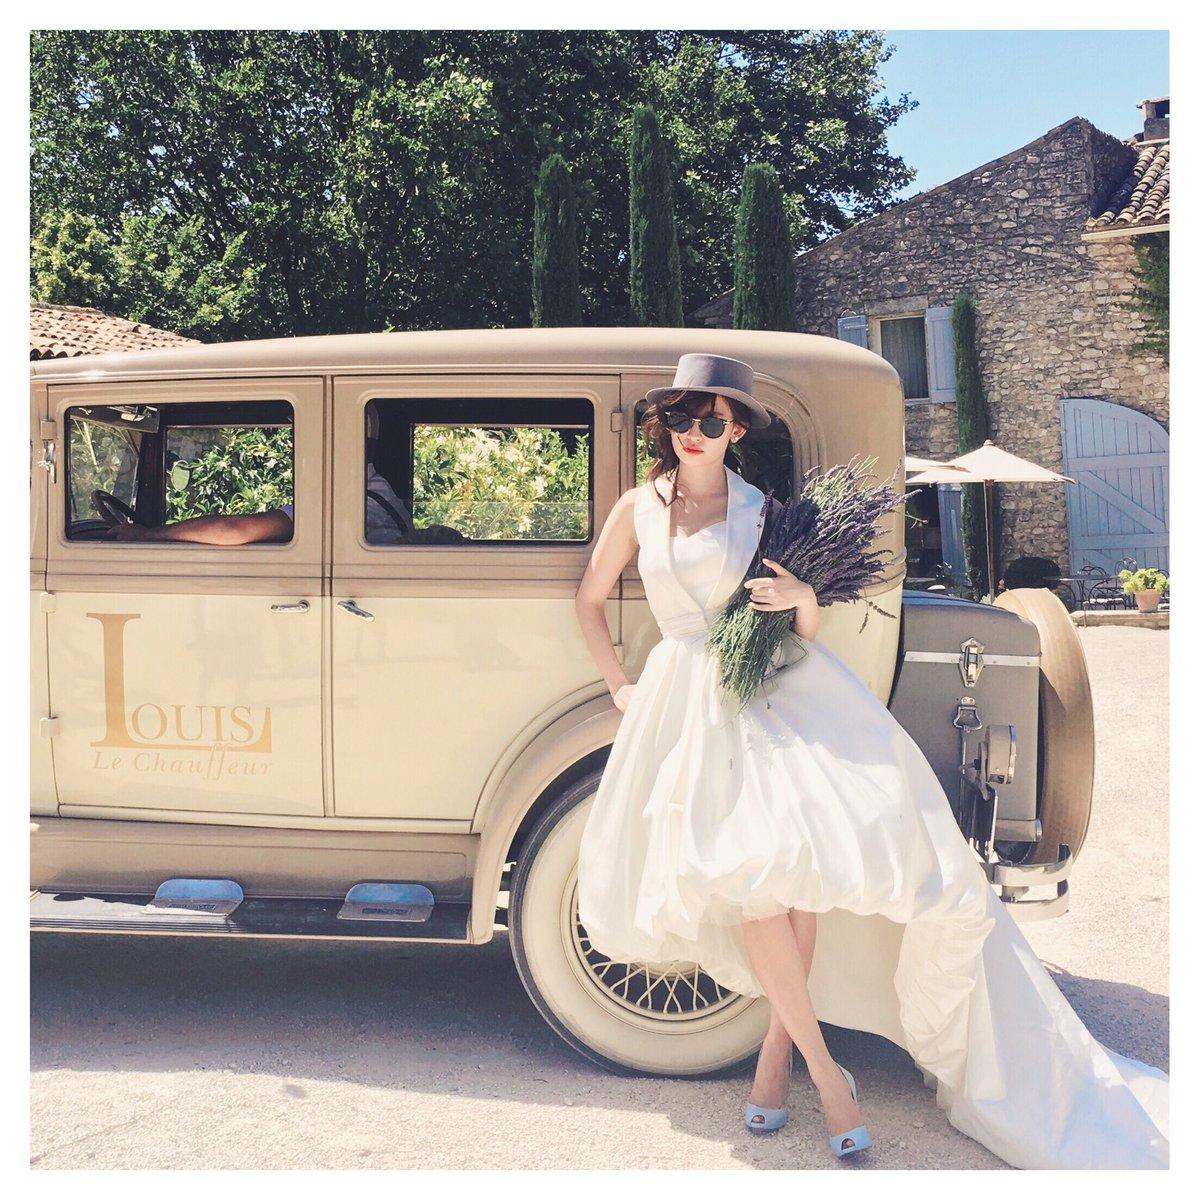 白いドレスの小嶋陽菜